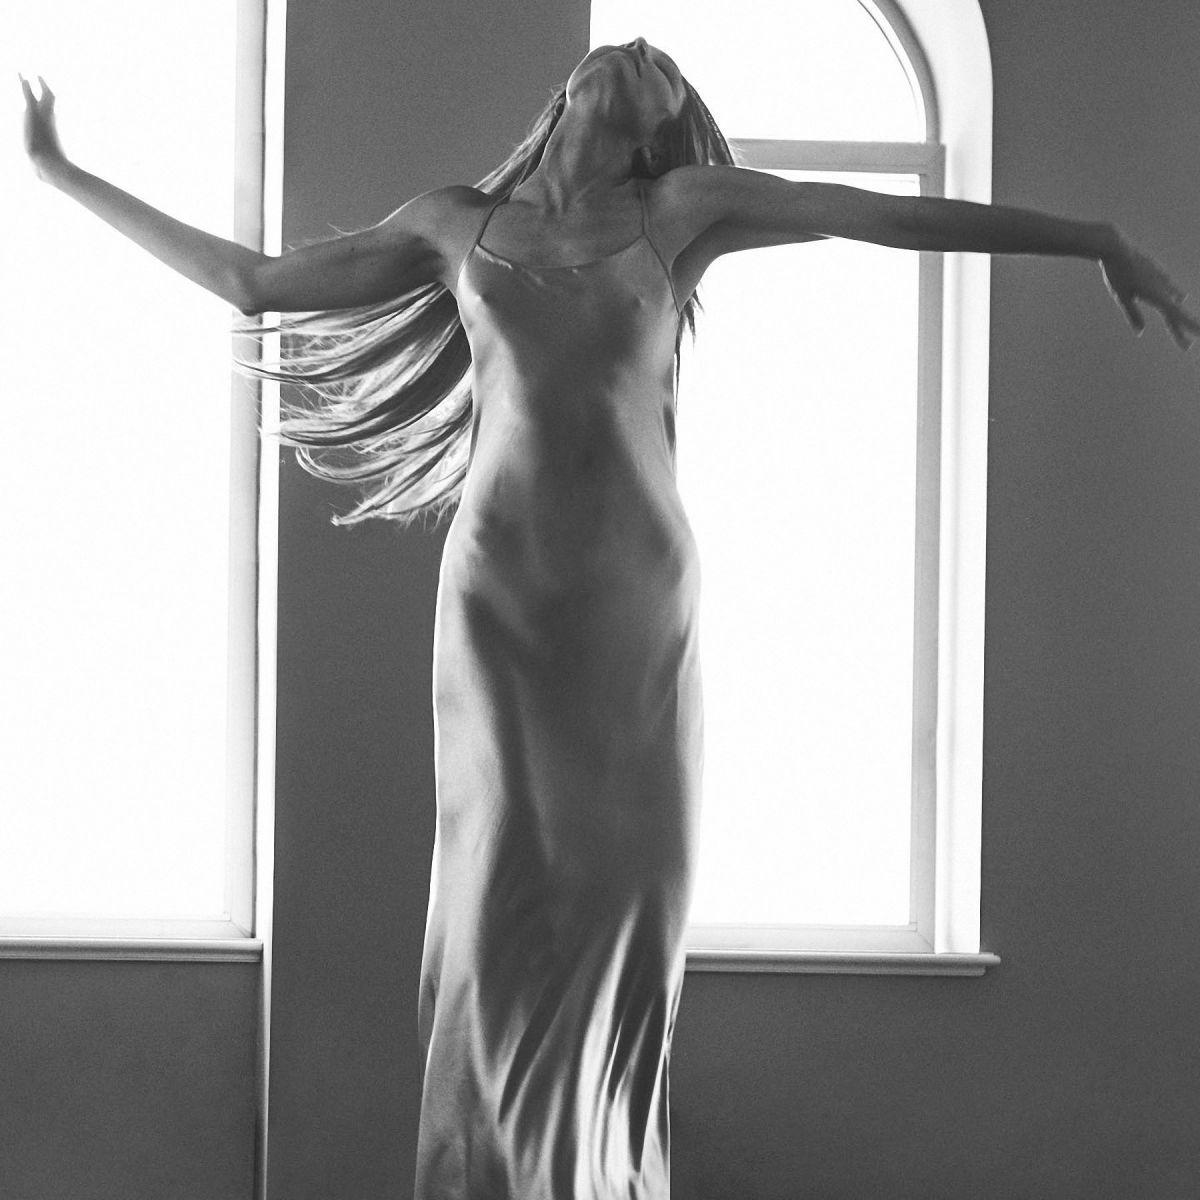 Candice Swanepoel For Vogue Magazine Uk September